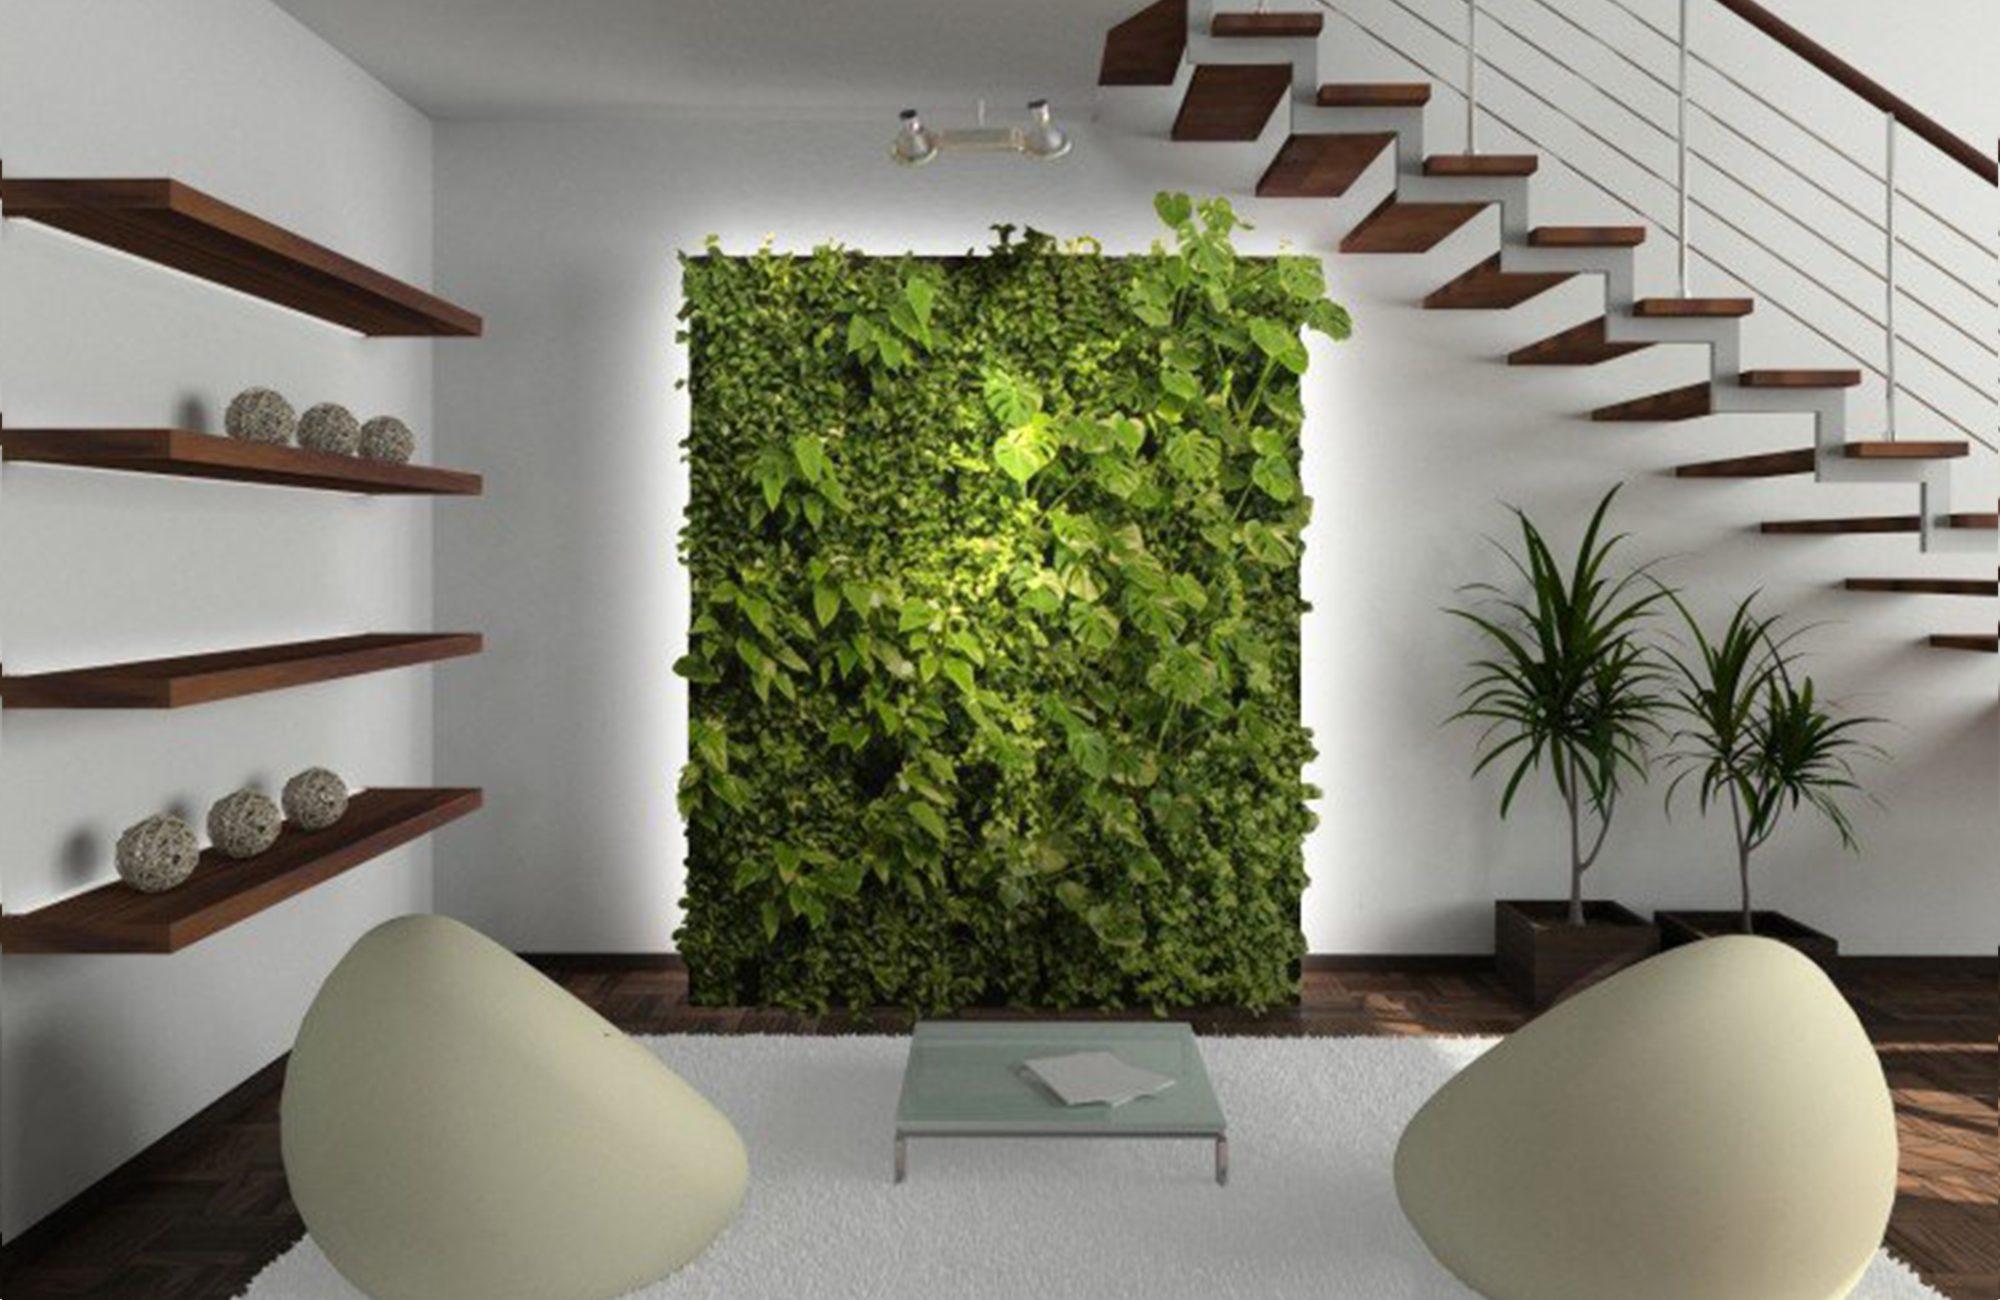 mur végétal dans son design